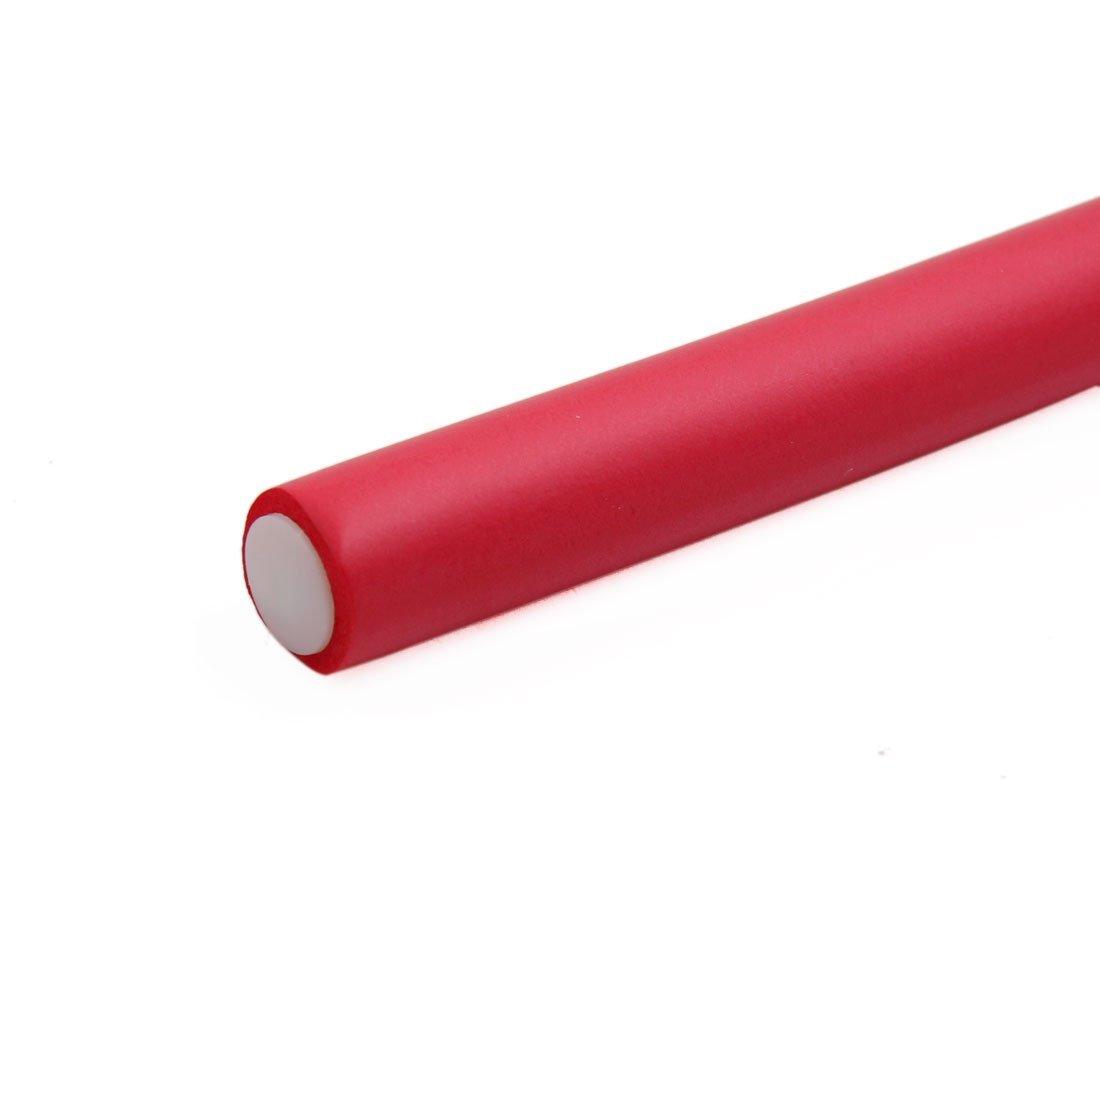 ... Inicio de belleza bricolaje rizador de Los fabricantes de espuma Suave Bendy torcedura Rizos de herramientas Rodillos del Pelo: Health & Personal Care